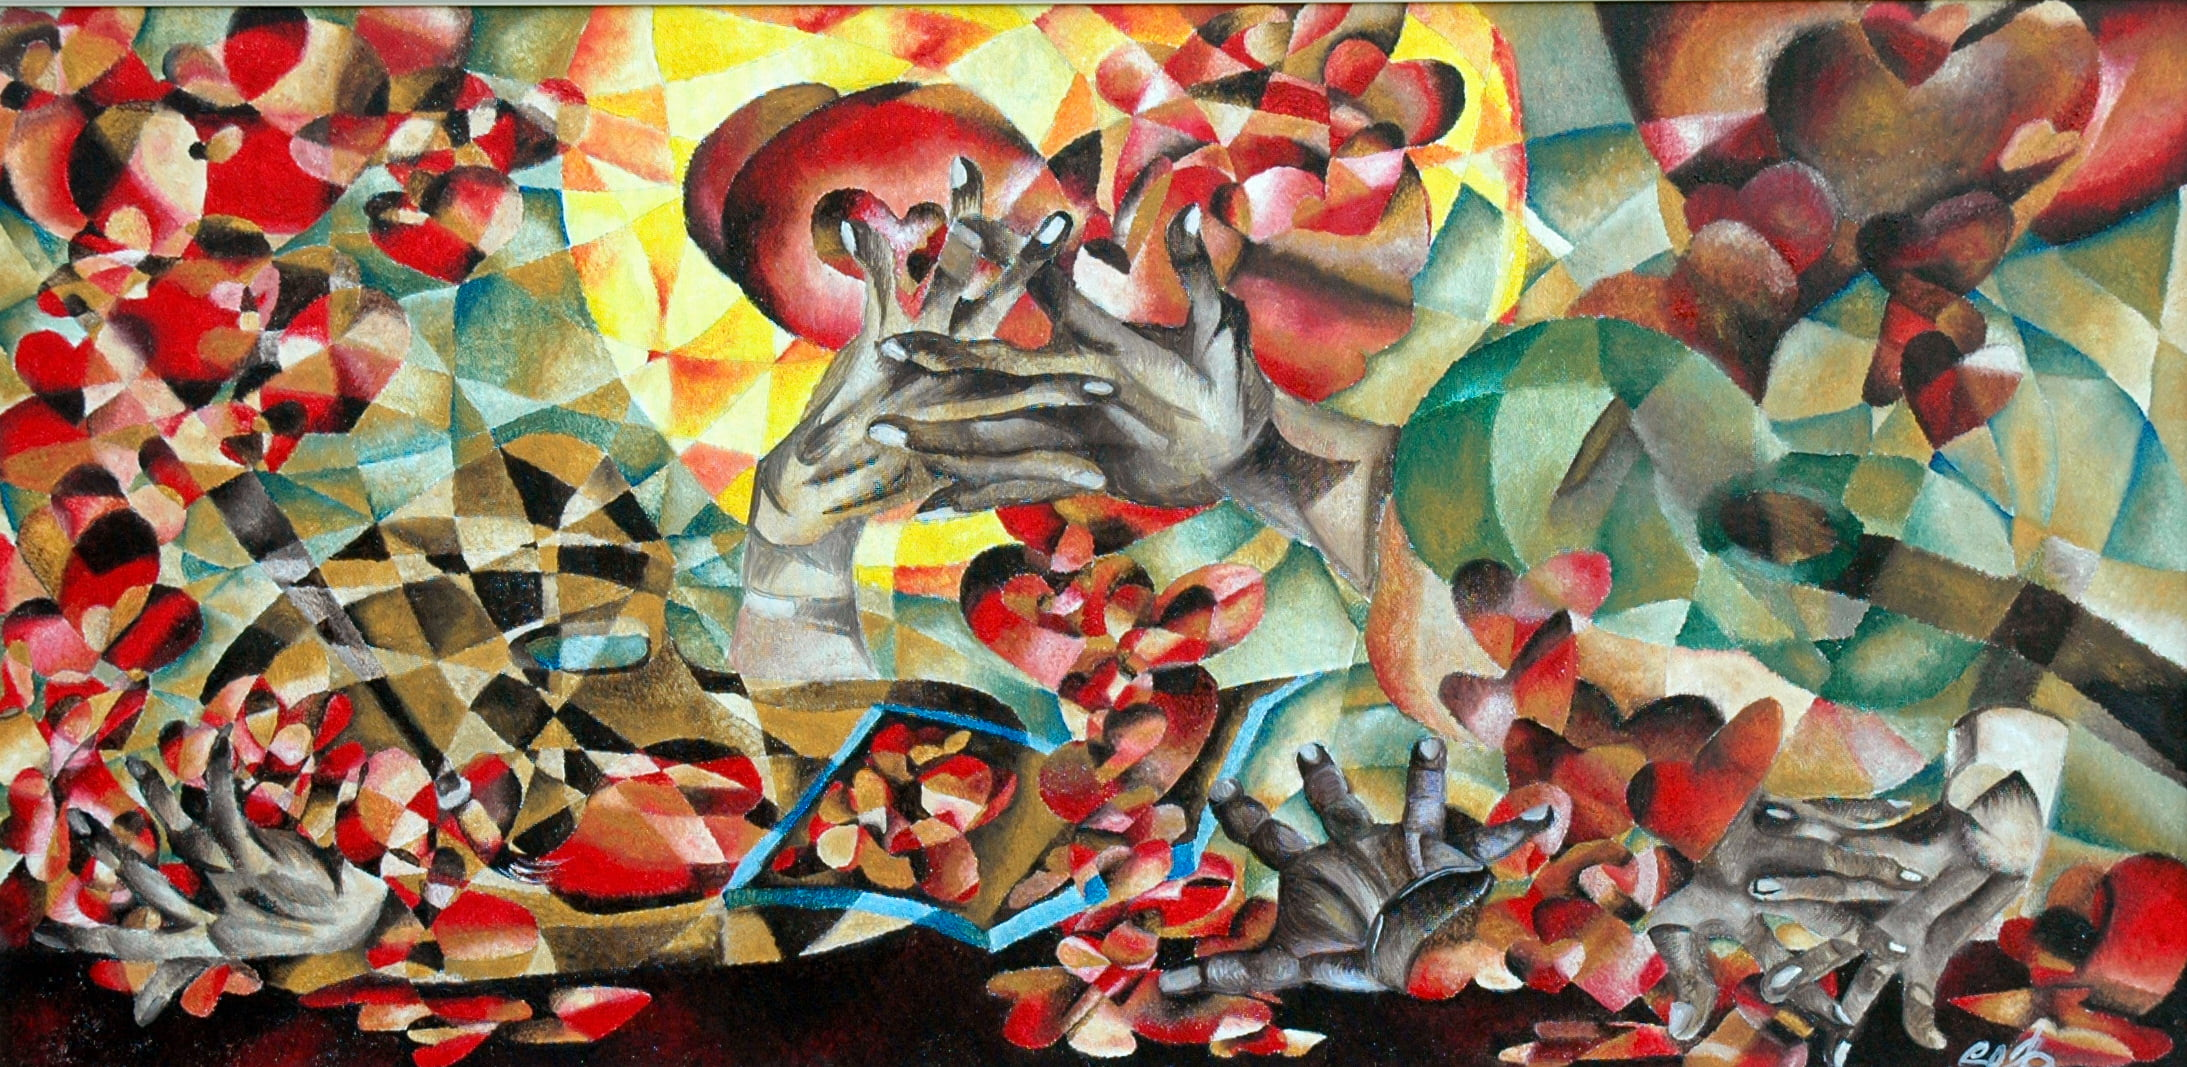 Cuori connessi: archivio di emozioni in arte dalla pandemia